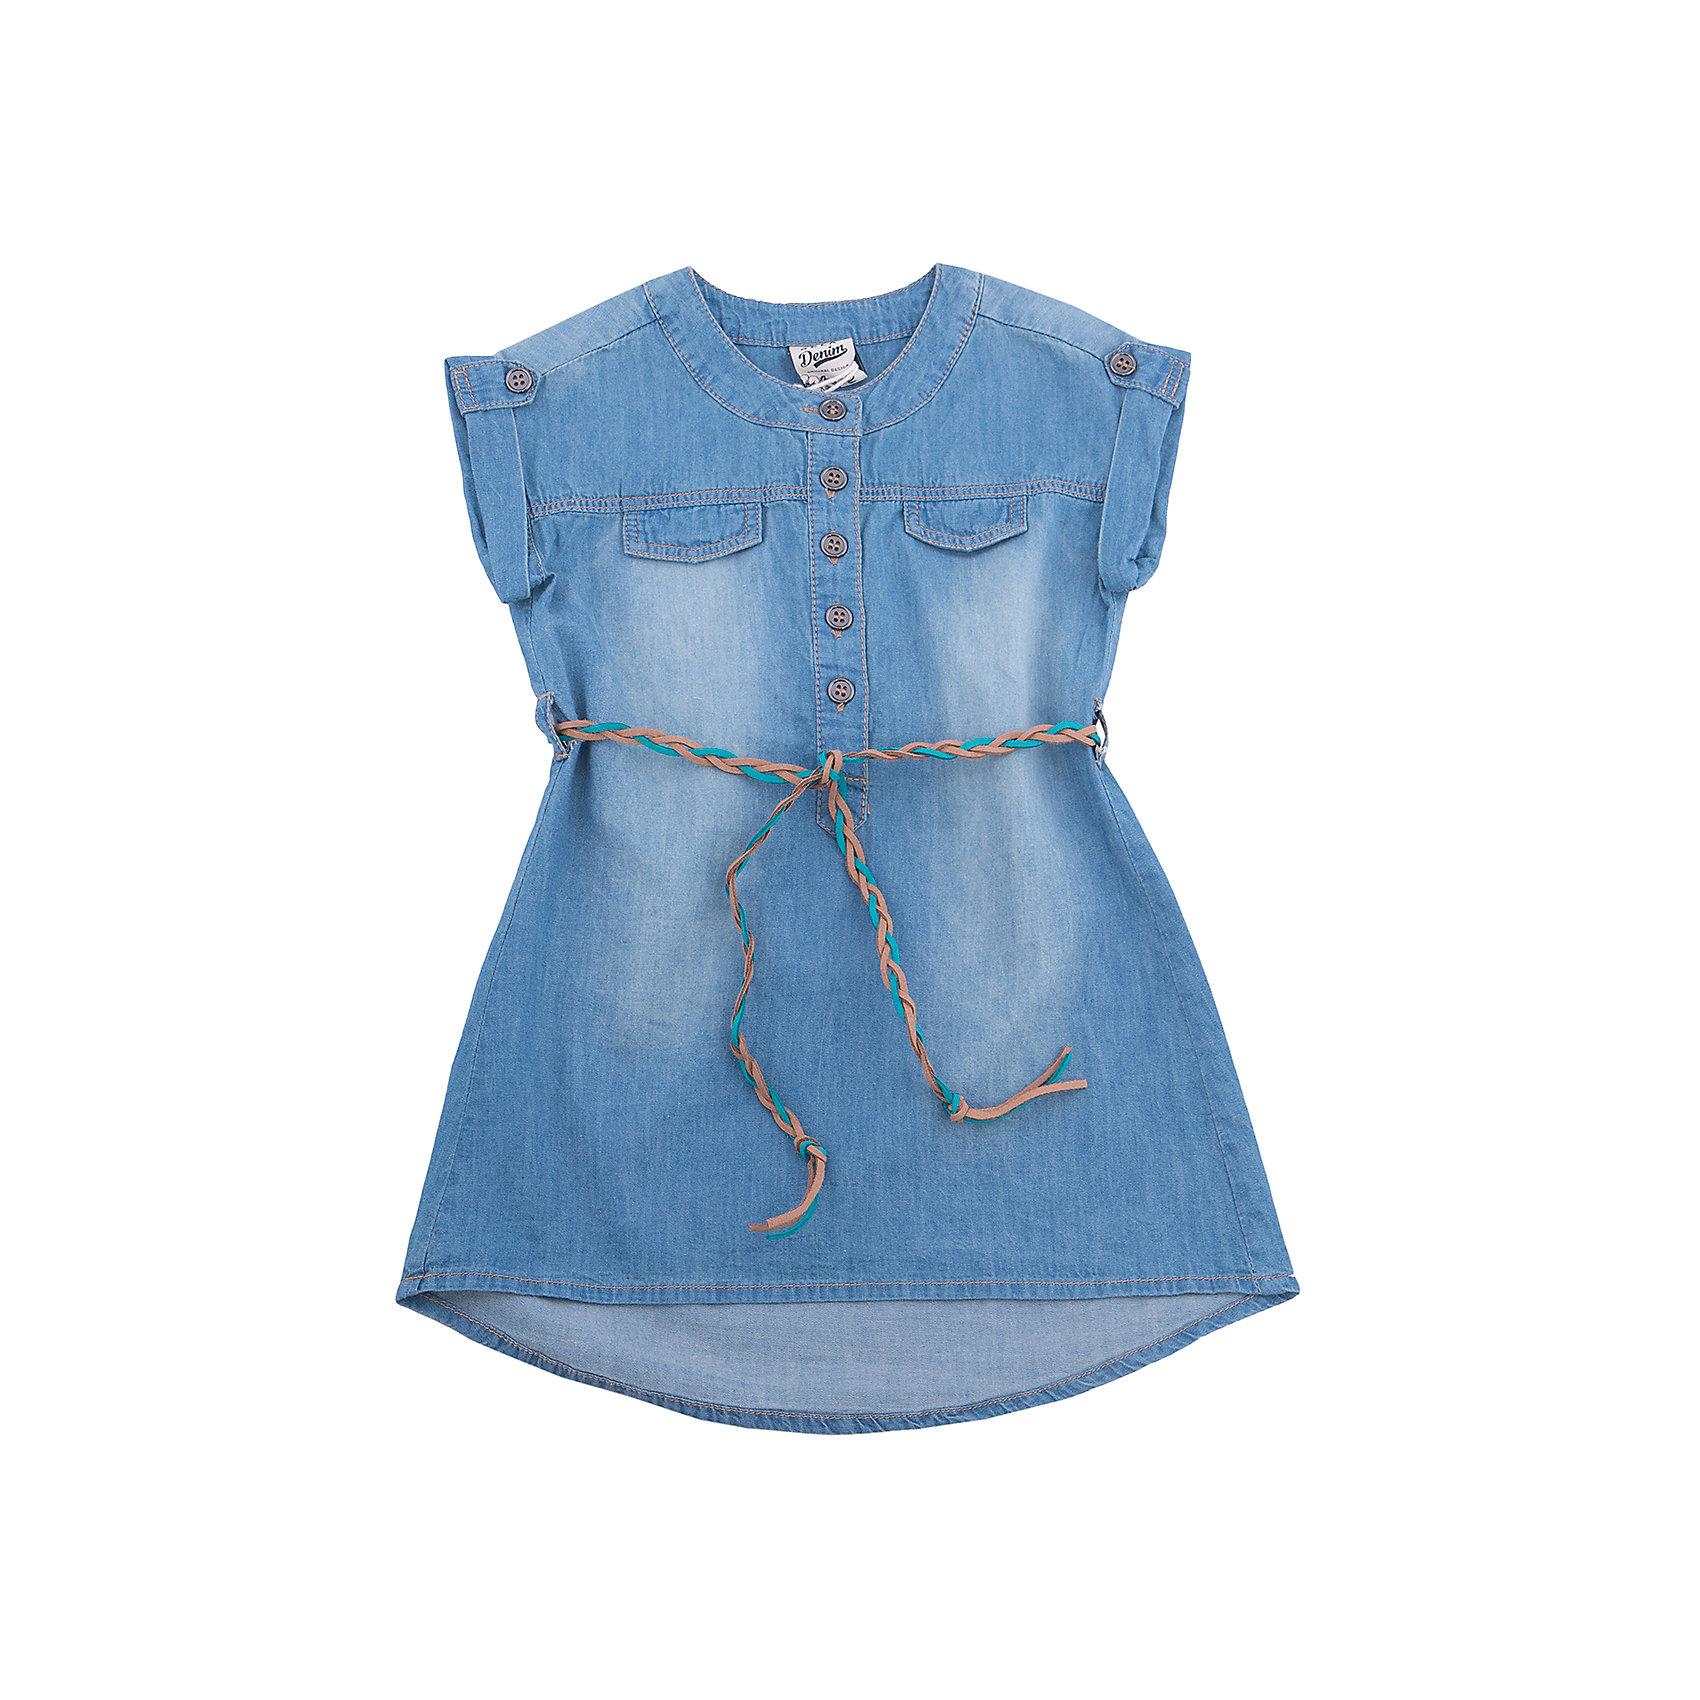 Платье джинсовое для девочки SELAДжинсовая одежда<br>Платье джинсовое для девочки от известного бренда SELA<br>Состав:<br>100% хлопок<br><br>Ширина мм: 236<br>Глубина мм: 16<br>Высота мм: 184<br>Вес г: 177<br>Цвет: синий джинс<br>Возраст от месяцев: 18<br>Возраст до месяцев: 24<br>Пол: Женский<br>Возраст: Детский<br>Размер: 92,116,110,104,98<br>SKU: 5305262